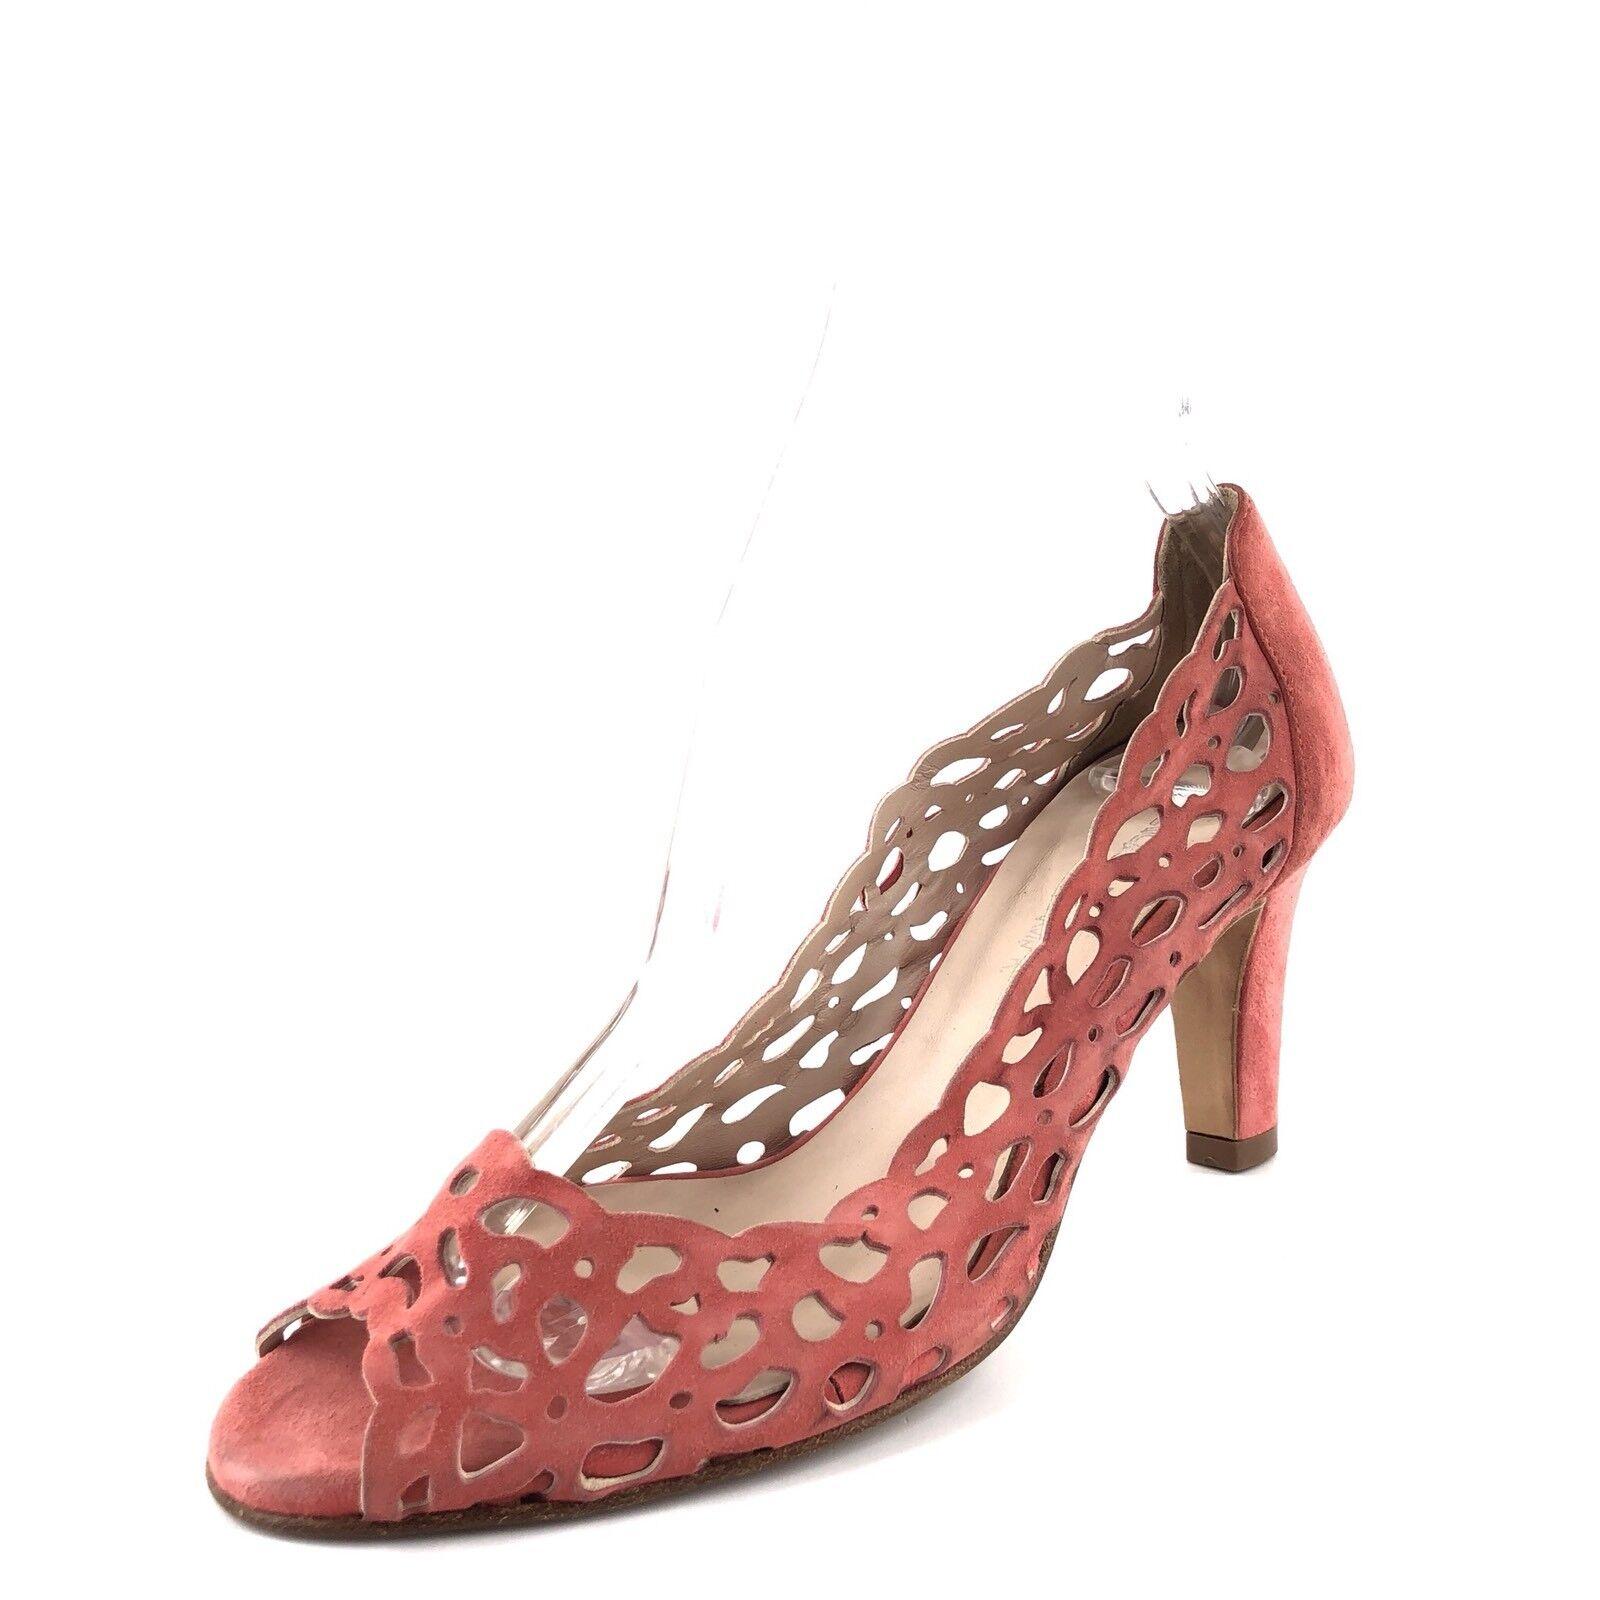 Aquatalia Marvin K K K Coral Suede Open Toe Pumps Sandals Women's Size 7 M  350 8cc428